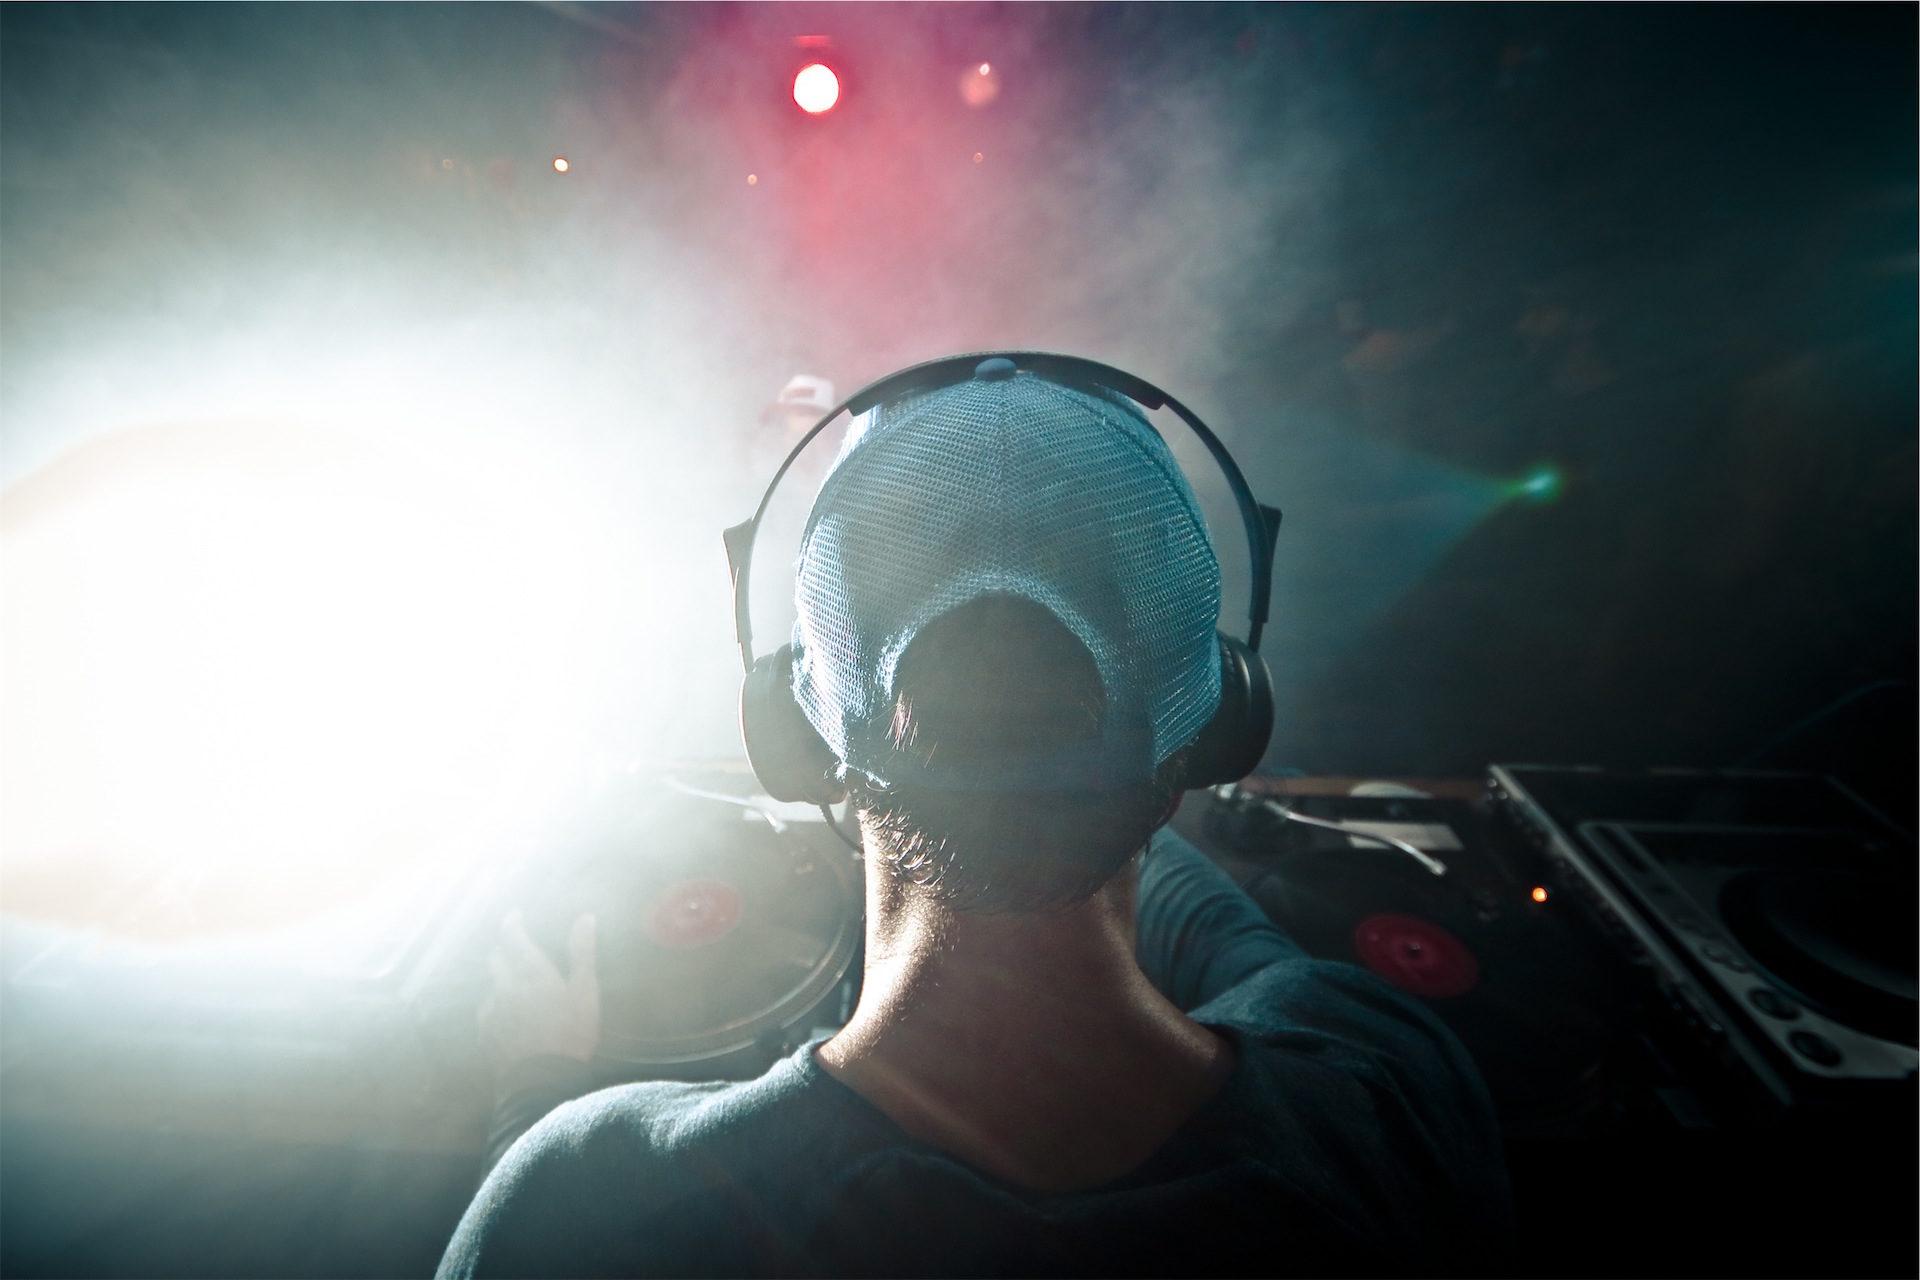 डीजे, cascos, टोपी, तालिका, मिश्रण - HD वॉलपेपर - प्रोफेसर-falken.com